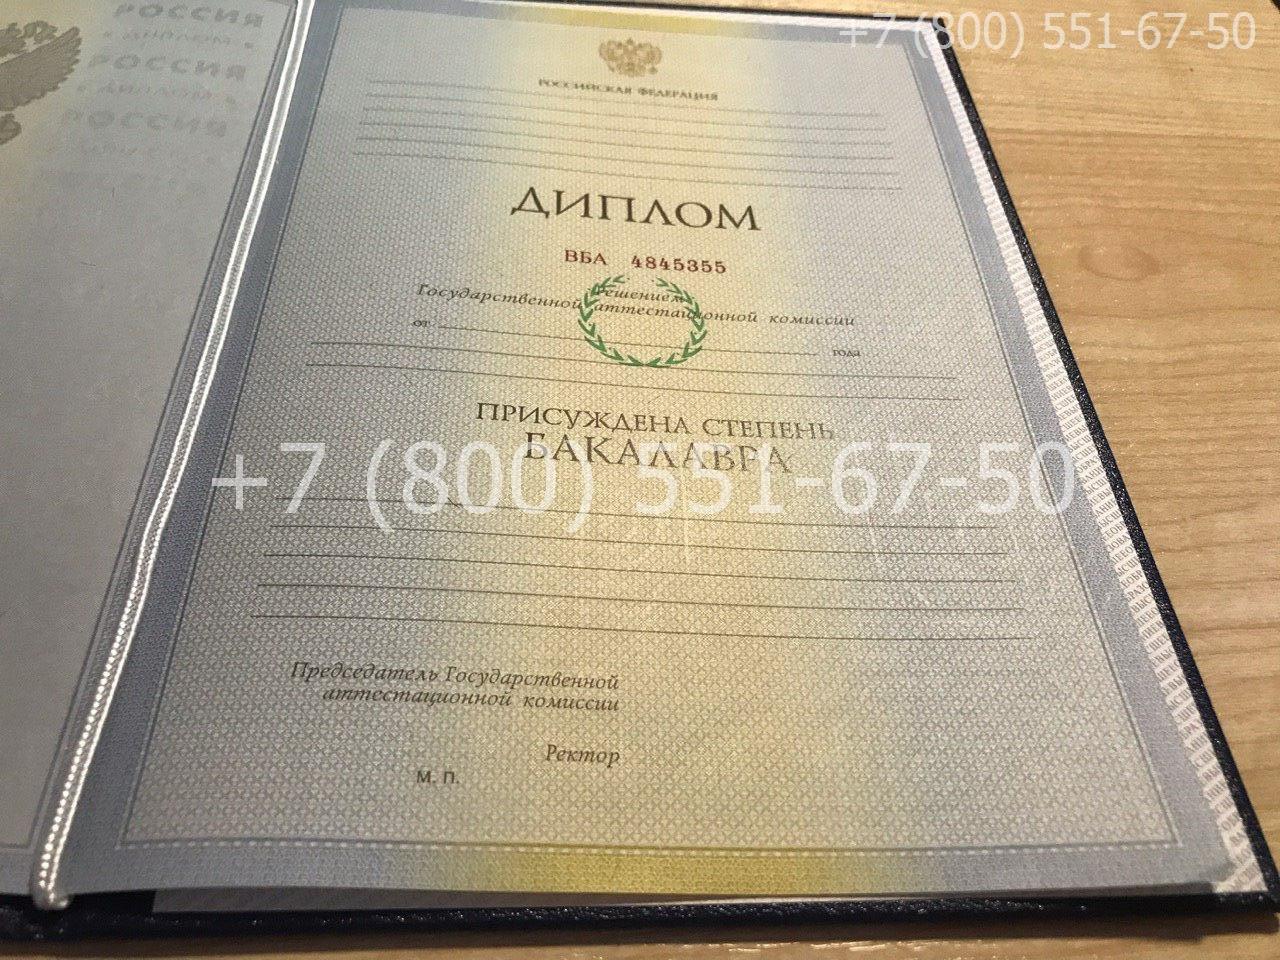 Диплом бакалавра 2010-2011 годов, образец, титульный лист-1